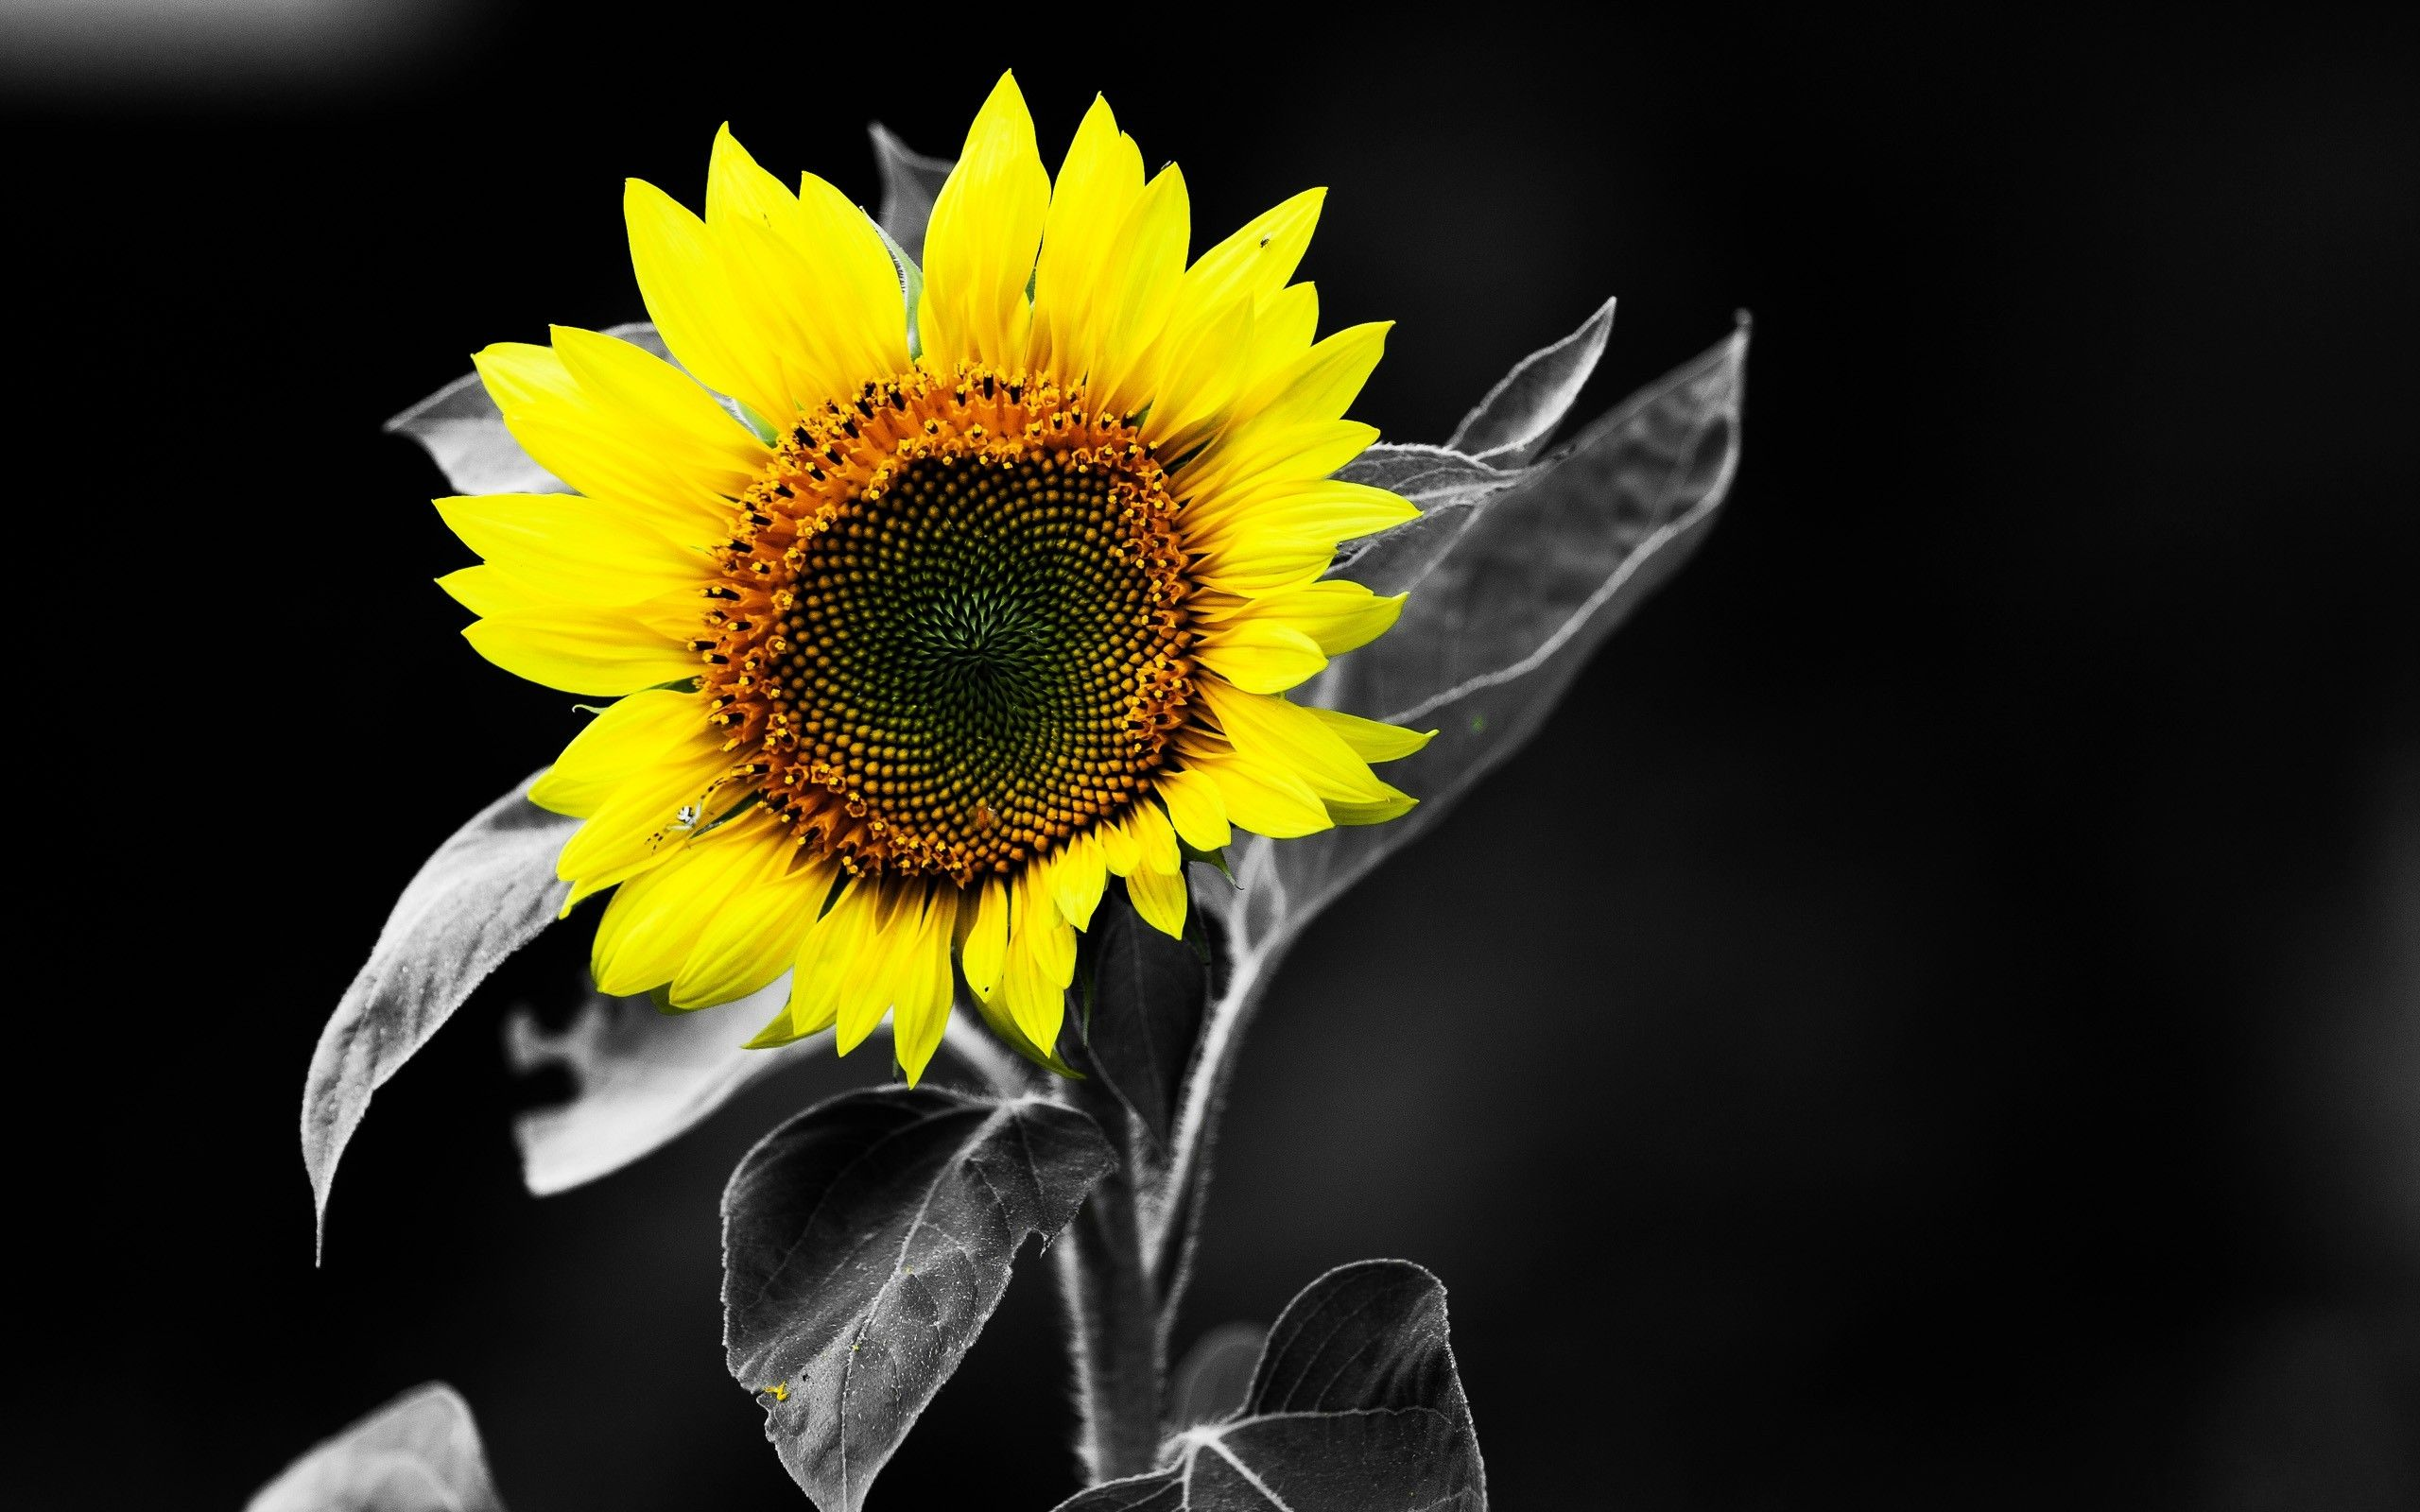 Black Sunflower Wallpaper White Sunflowers Black And White Wallpaper Sunflower Wallpaper